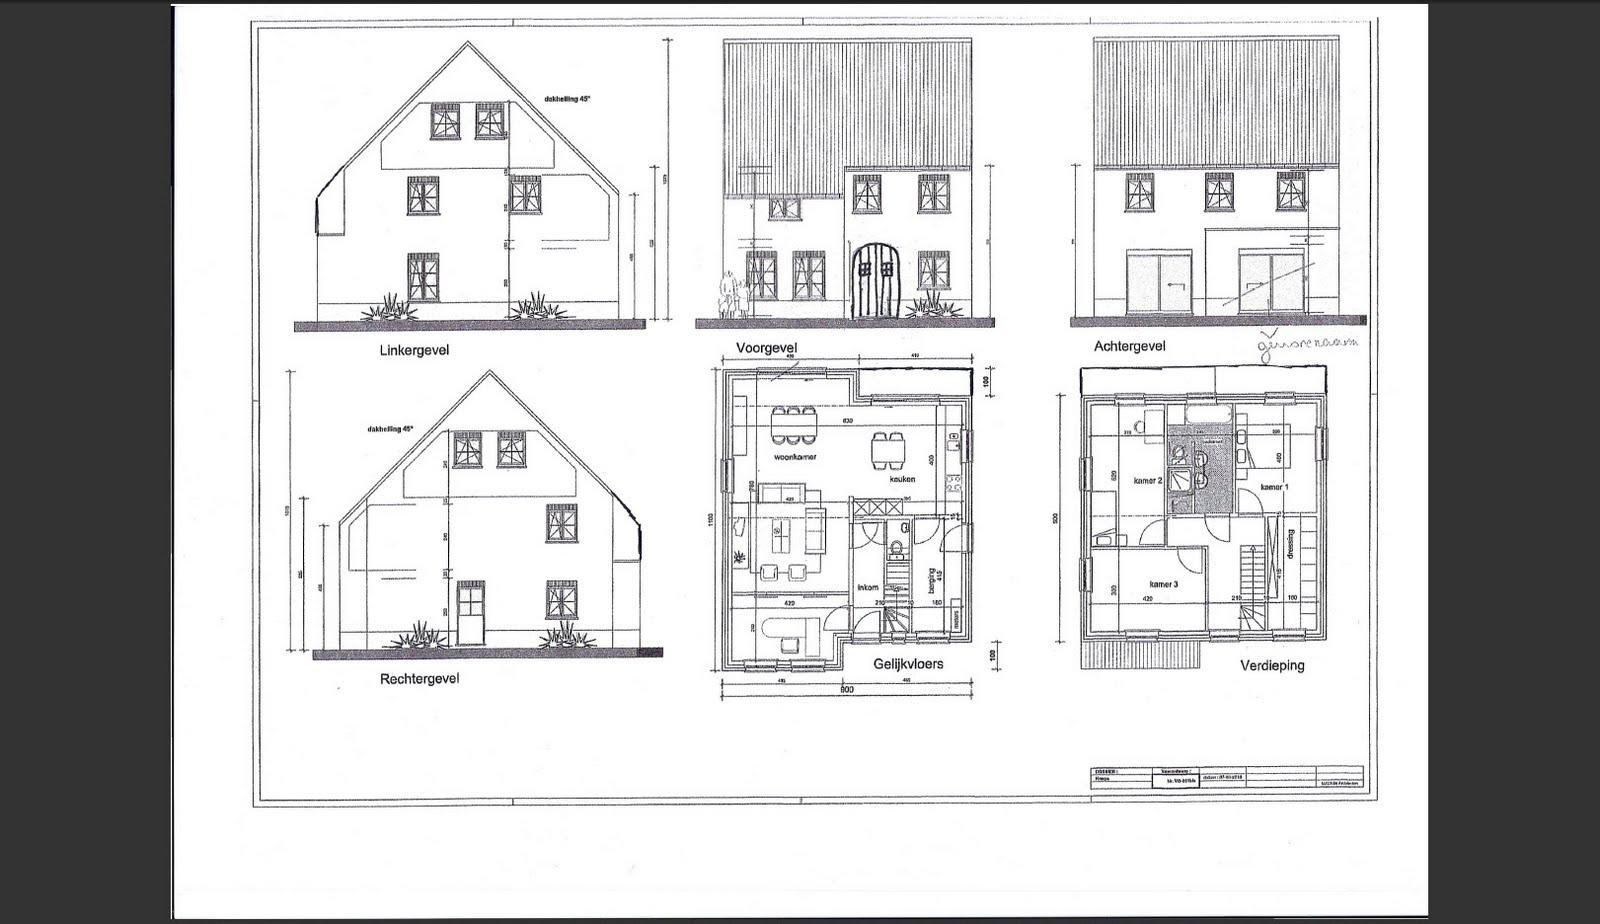 Johan katriens bouwblog architect en woningplannen for Grondplannen woningen